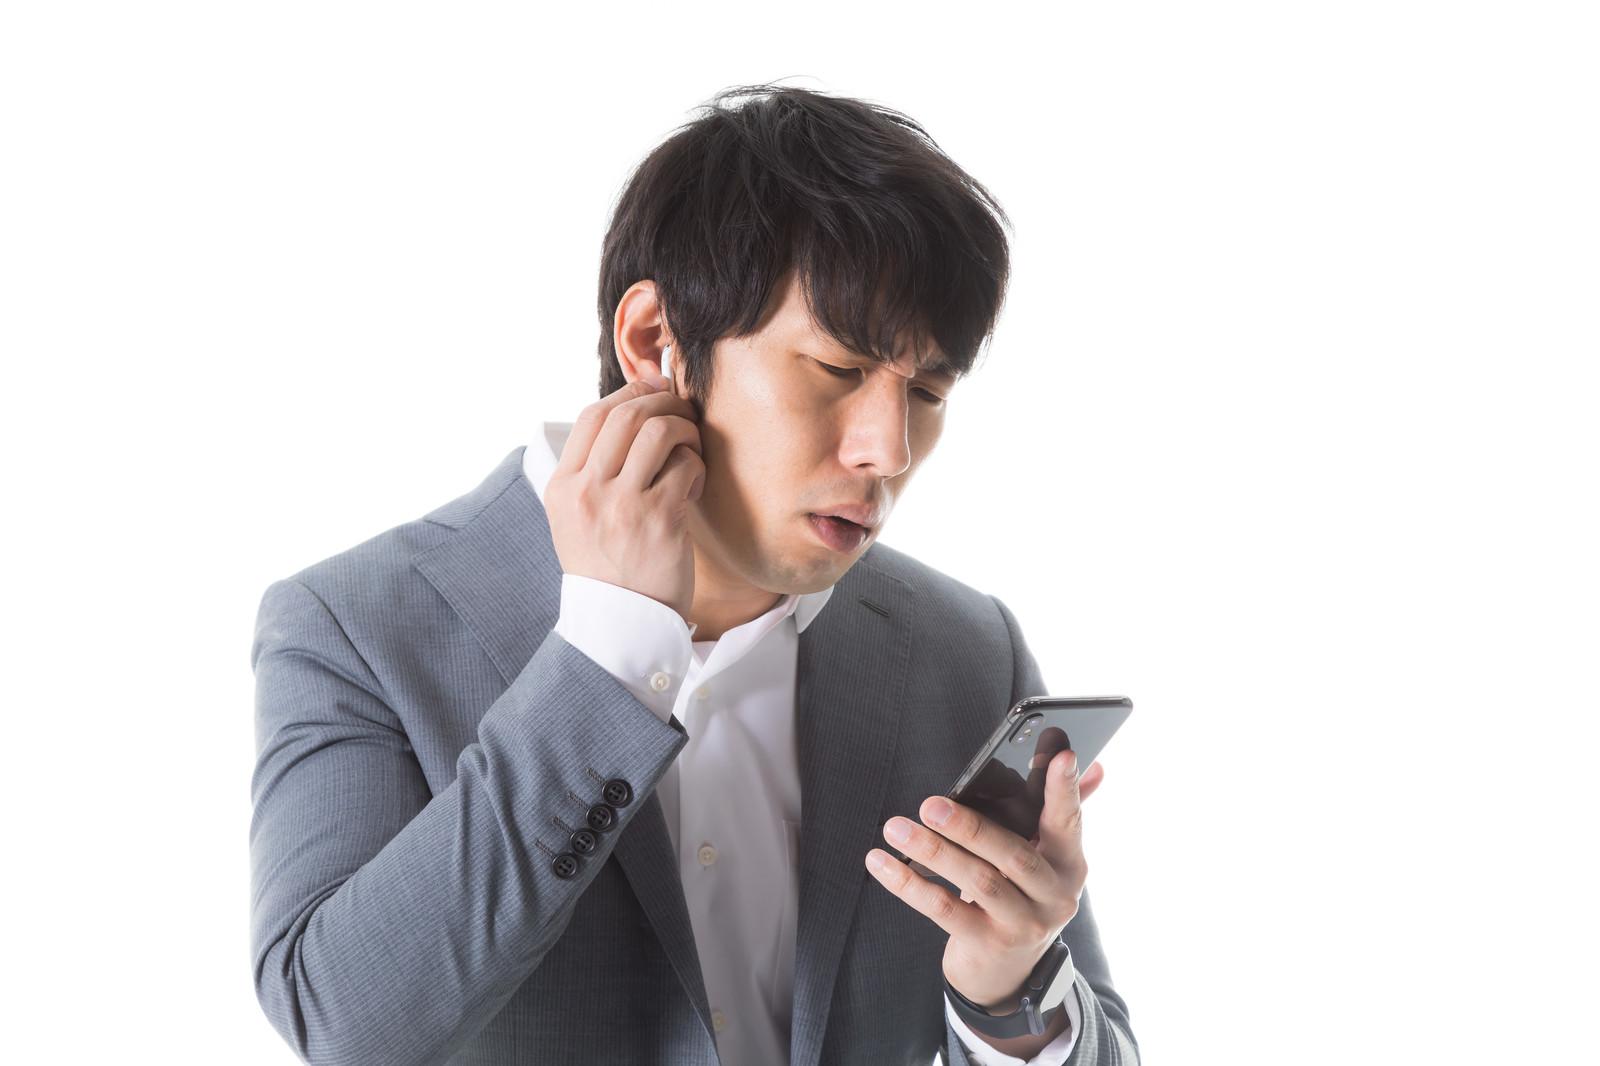 音程がひどいんですが、片耳だけイヤホンつけて歌うのって効果ありますか?